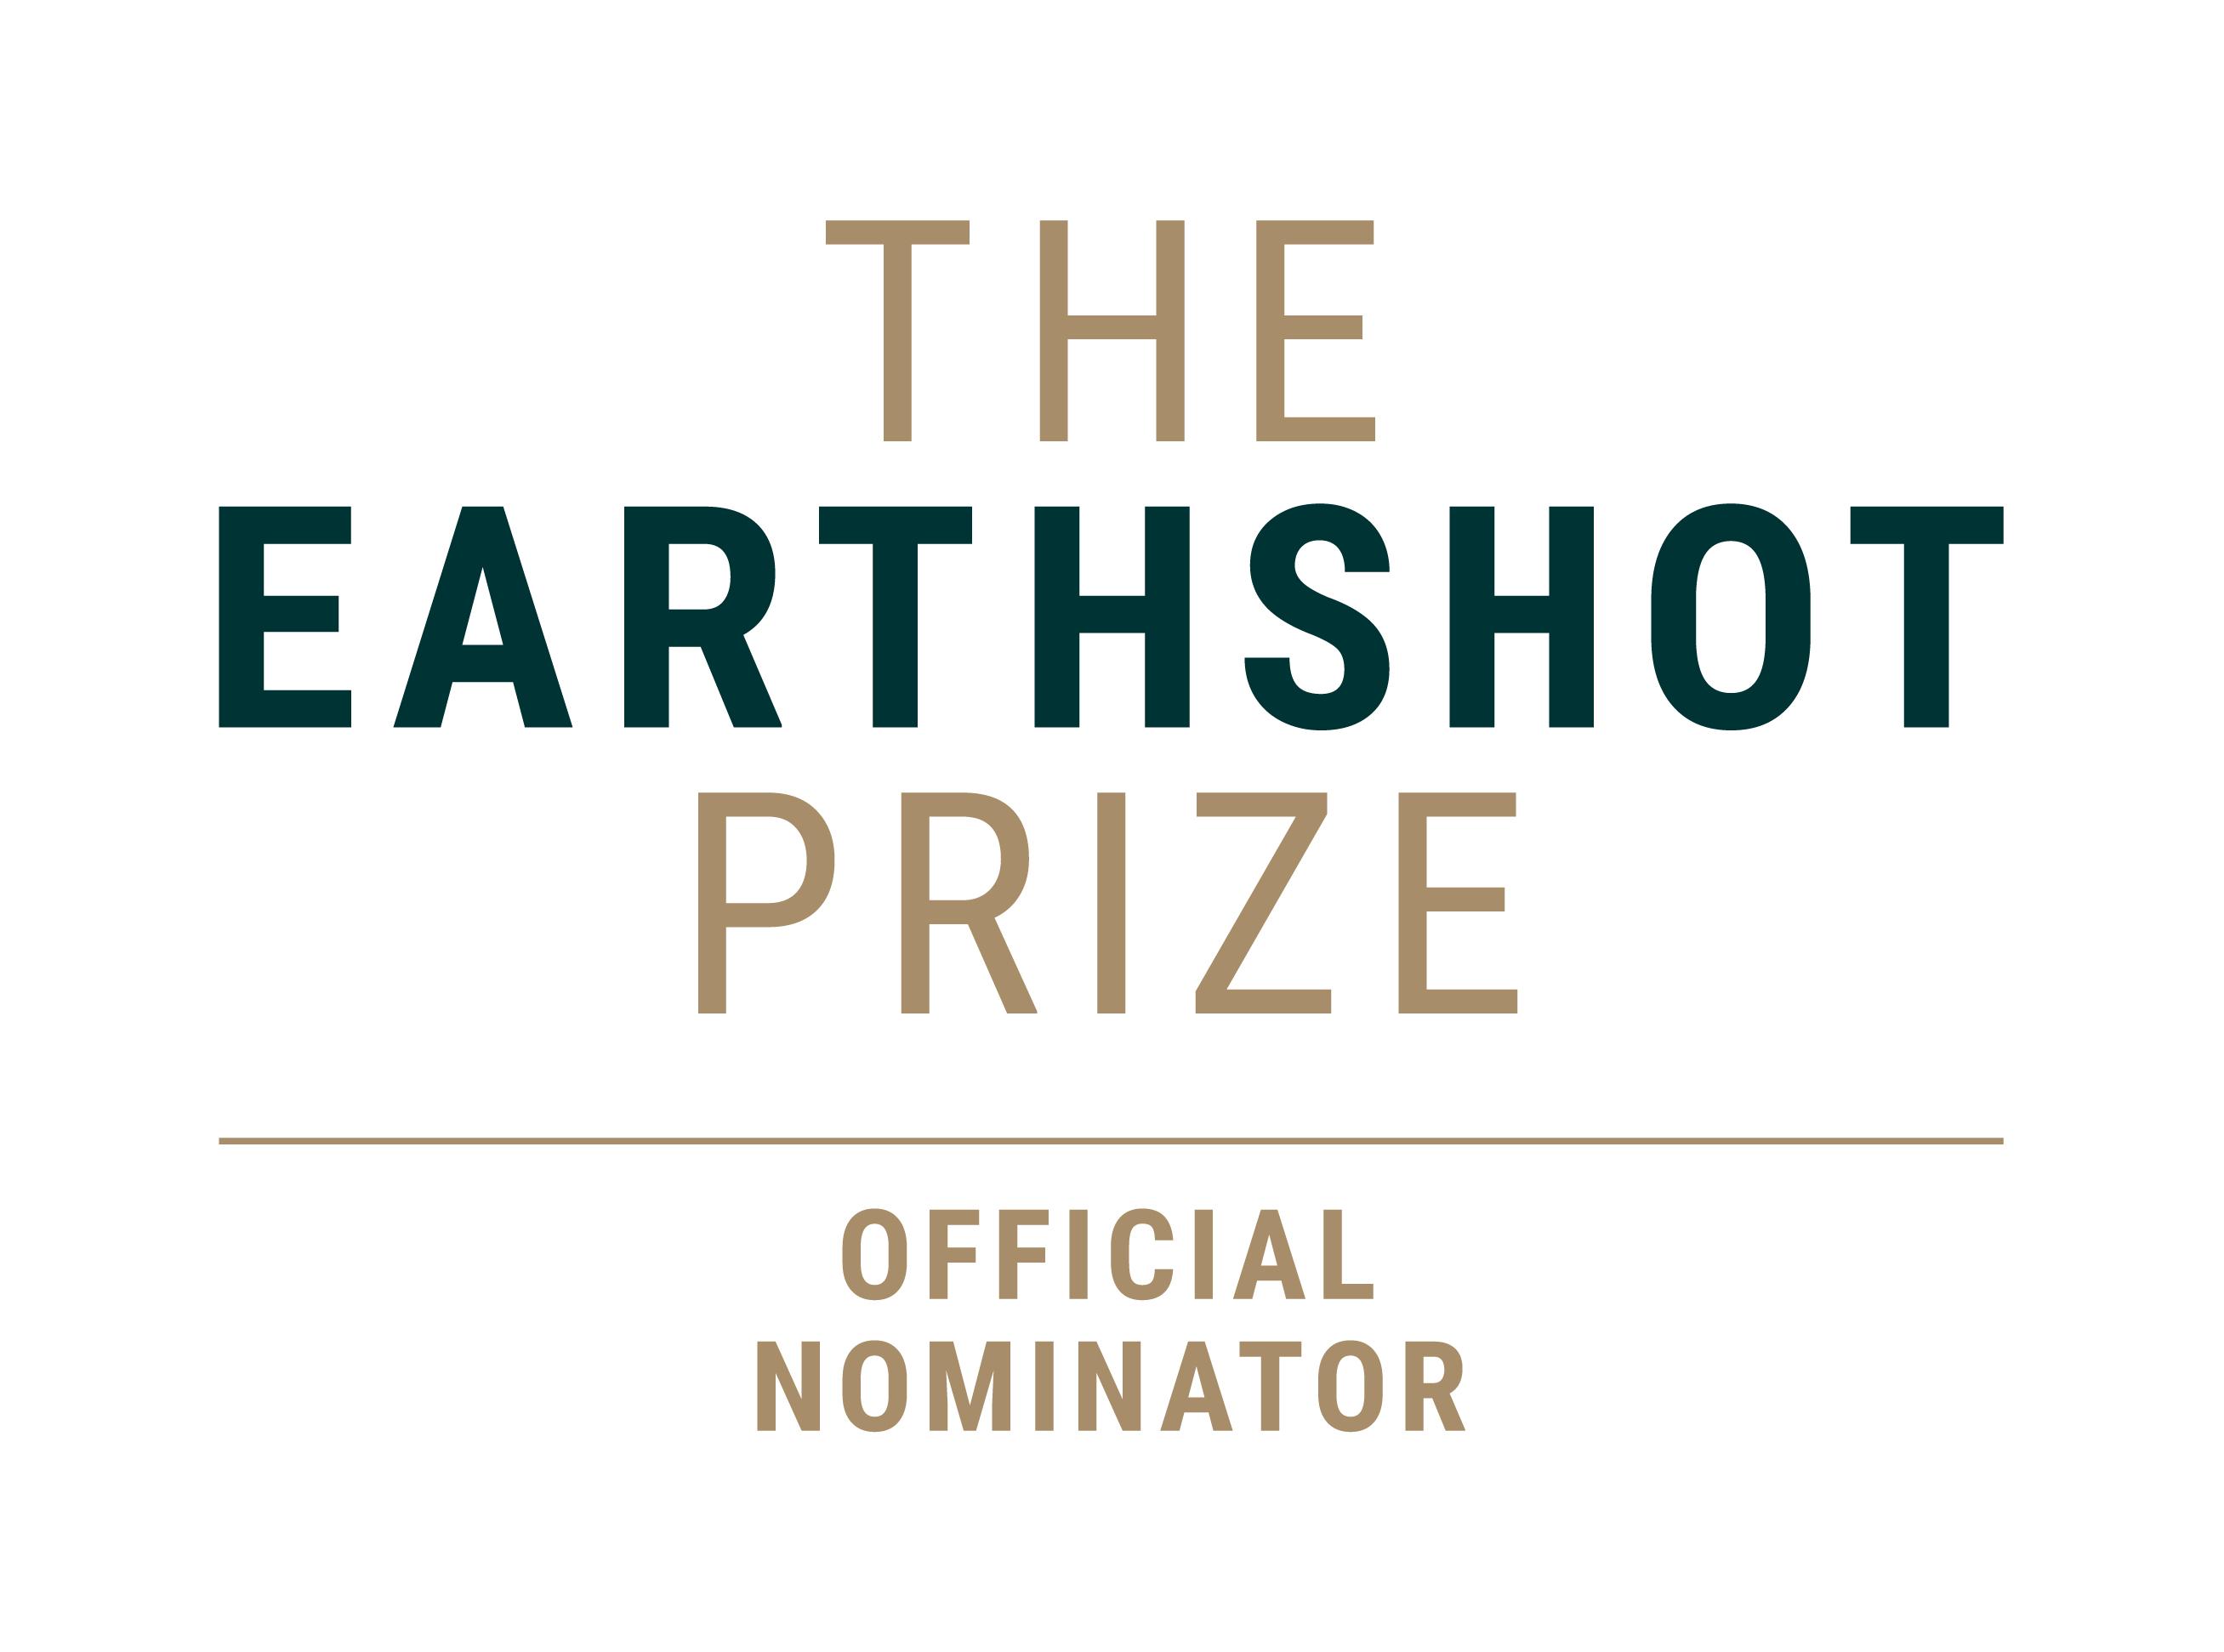 Earthshot_OfficialNominator